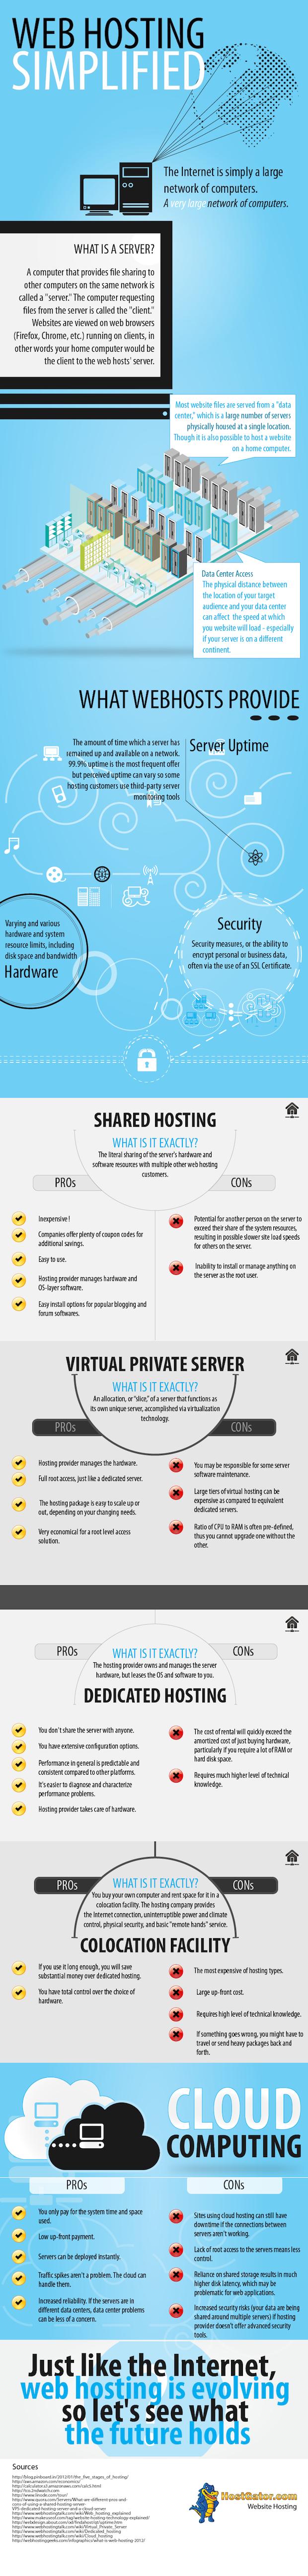 WebHosting_Explained sized